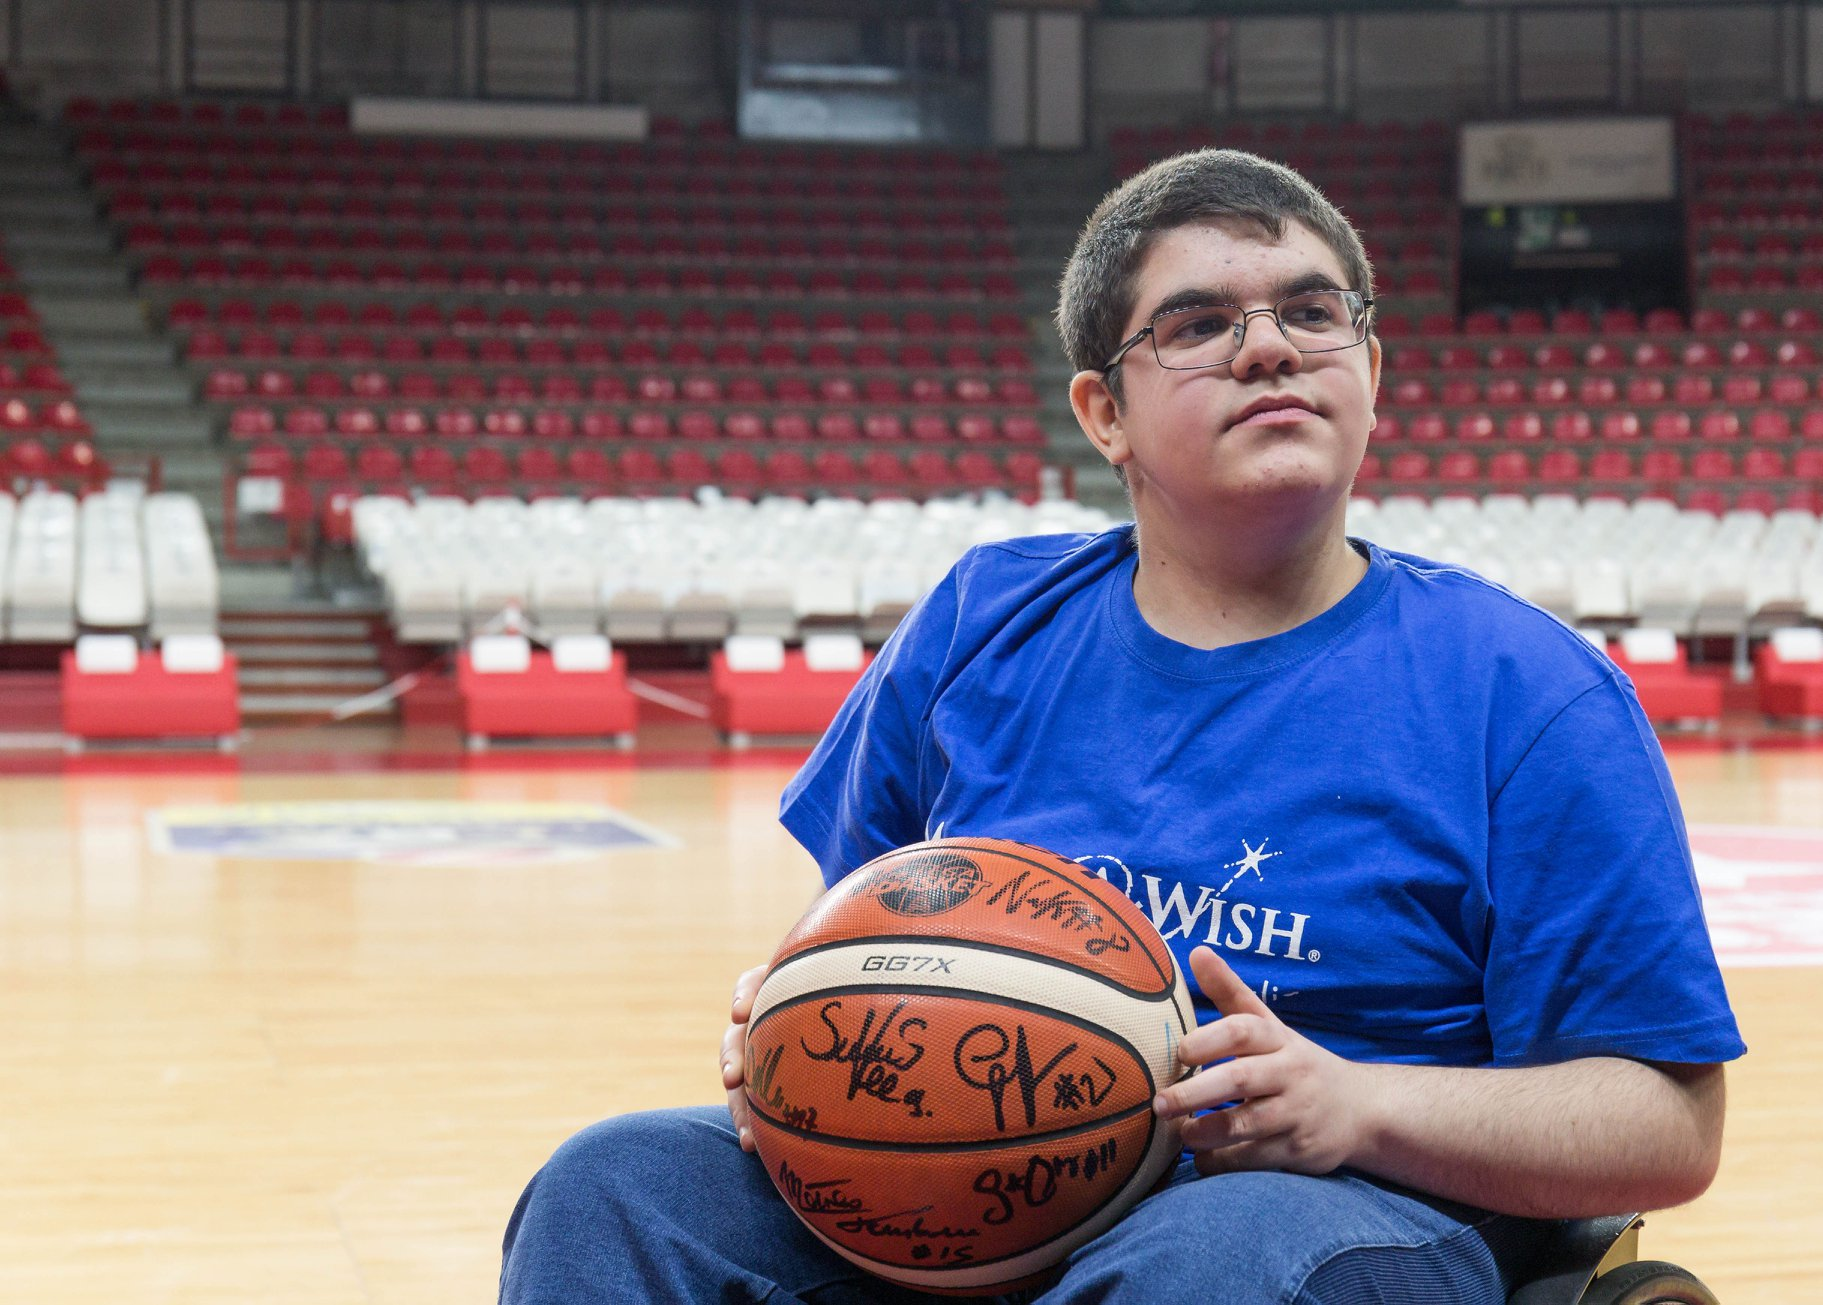 Basket in carrozzina 2018: grazie a Make A Wish Italia Onlus Riccardo Rustici incontrerà Steph Curry